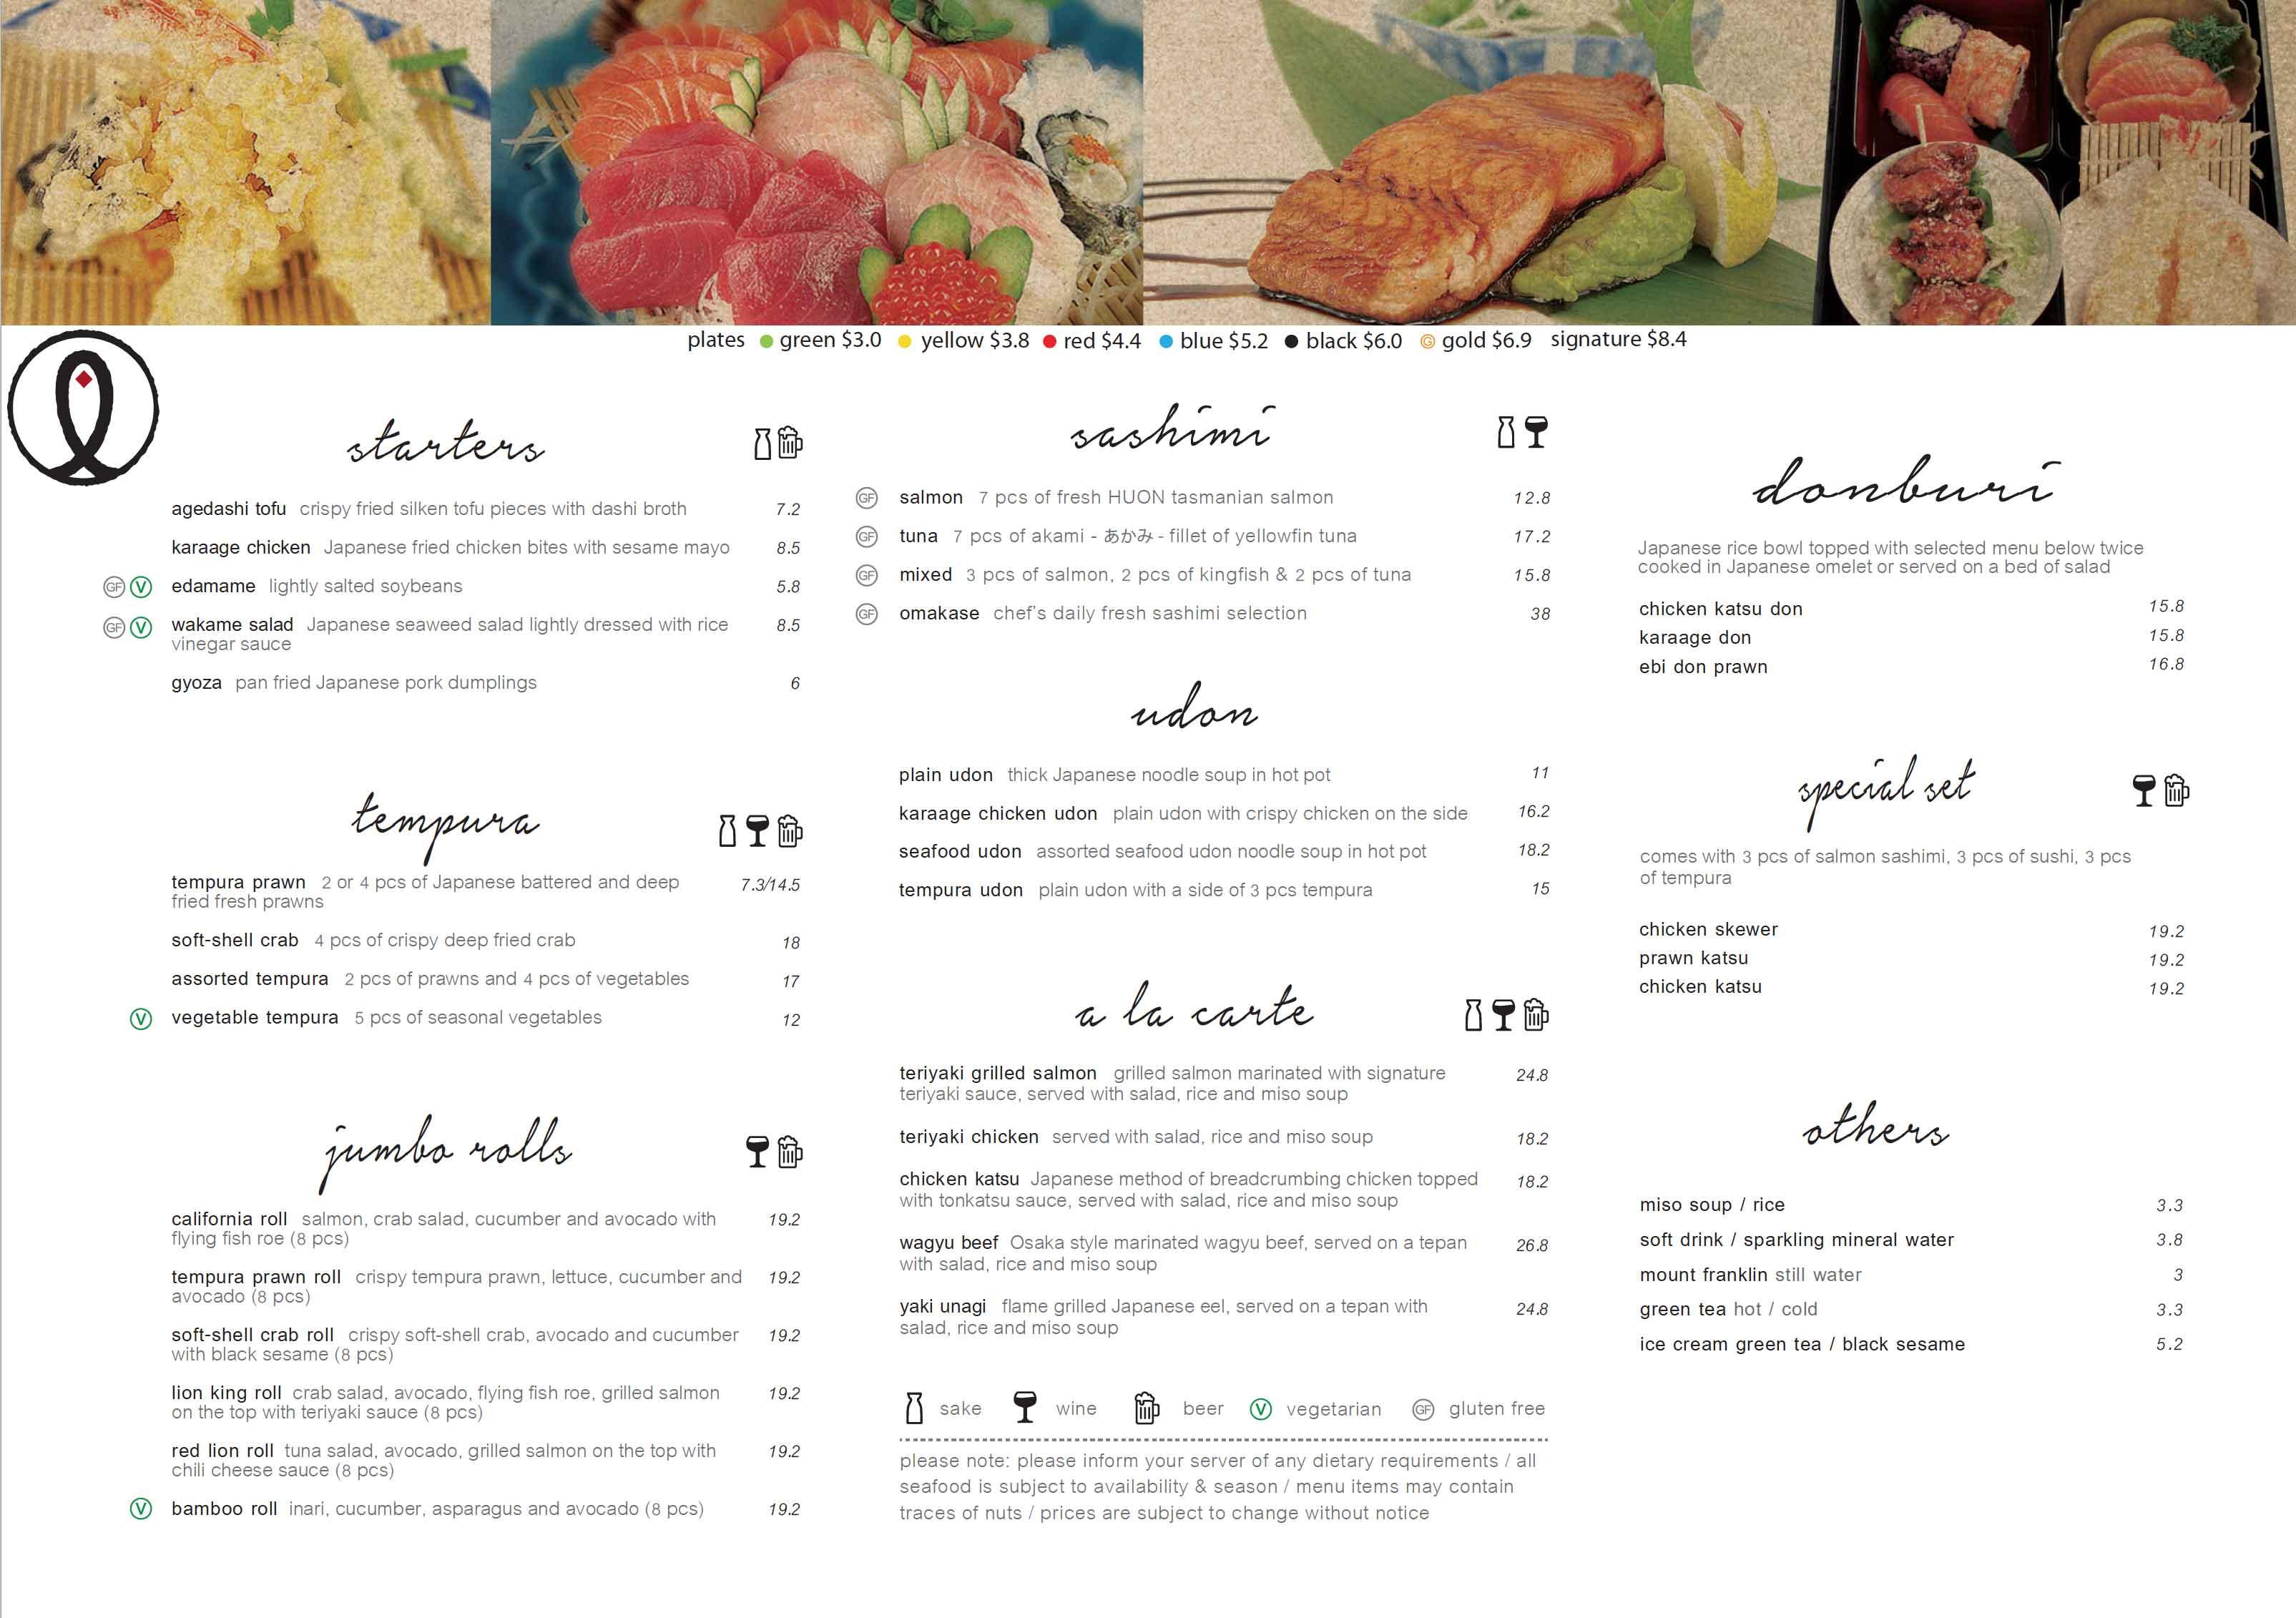 http://sushihon.com.au/wp-content/uploads/2016/06/alacarte-menu.pdf